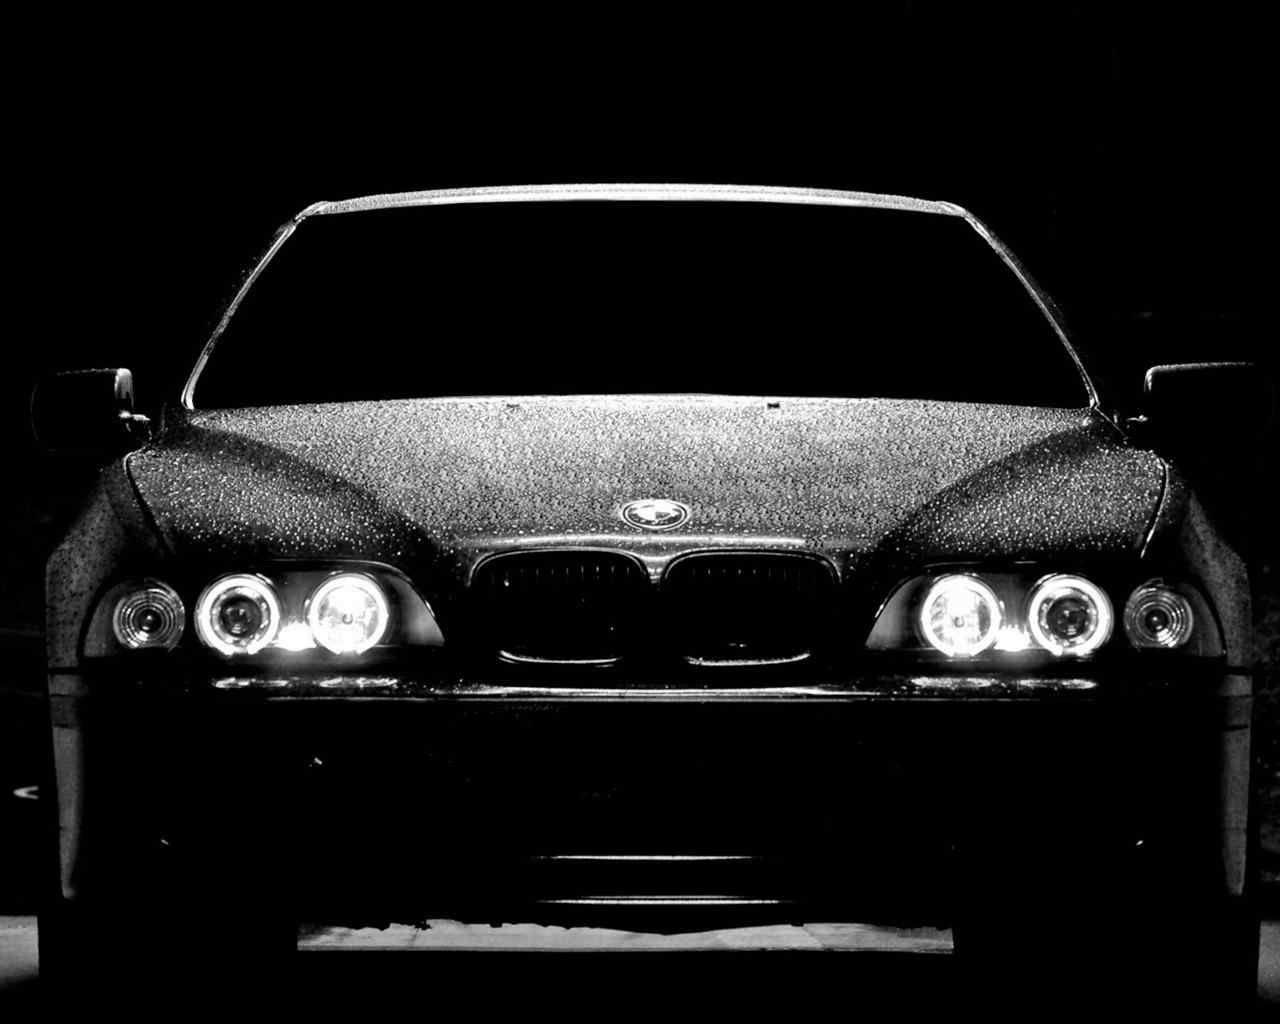 时尚黑色宝马汽车高清桌面壁纸